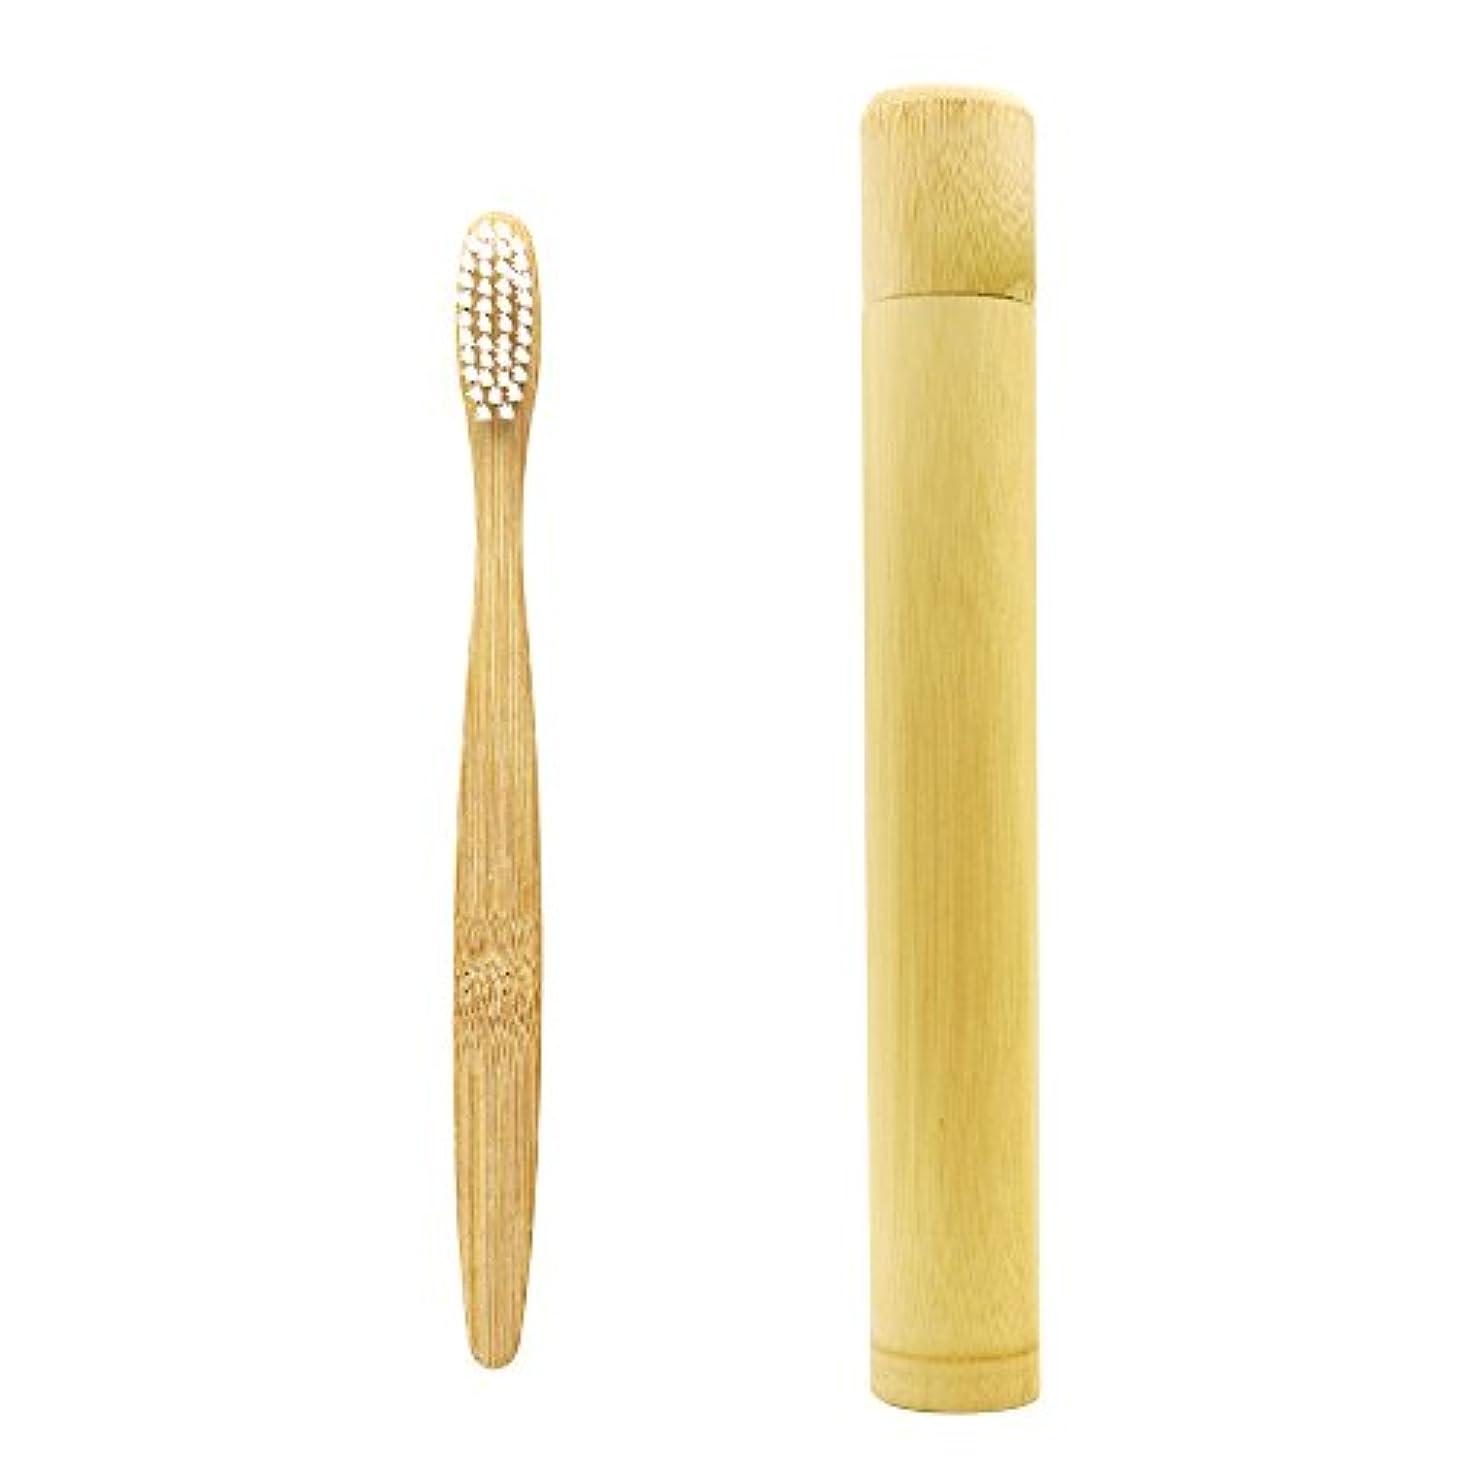 ベアリング悪化させるモディッシュN-amboo 竹製耐久度高い 白い歯ブラシ 携帯用 ケース付き セット 軽量 携帯便利 出張旅行